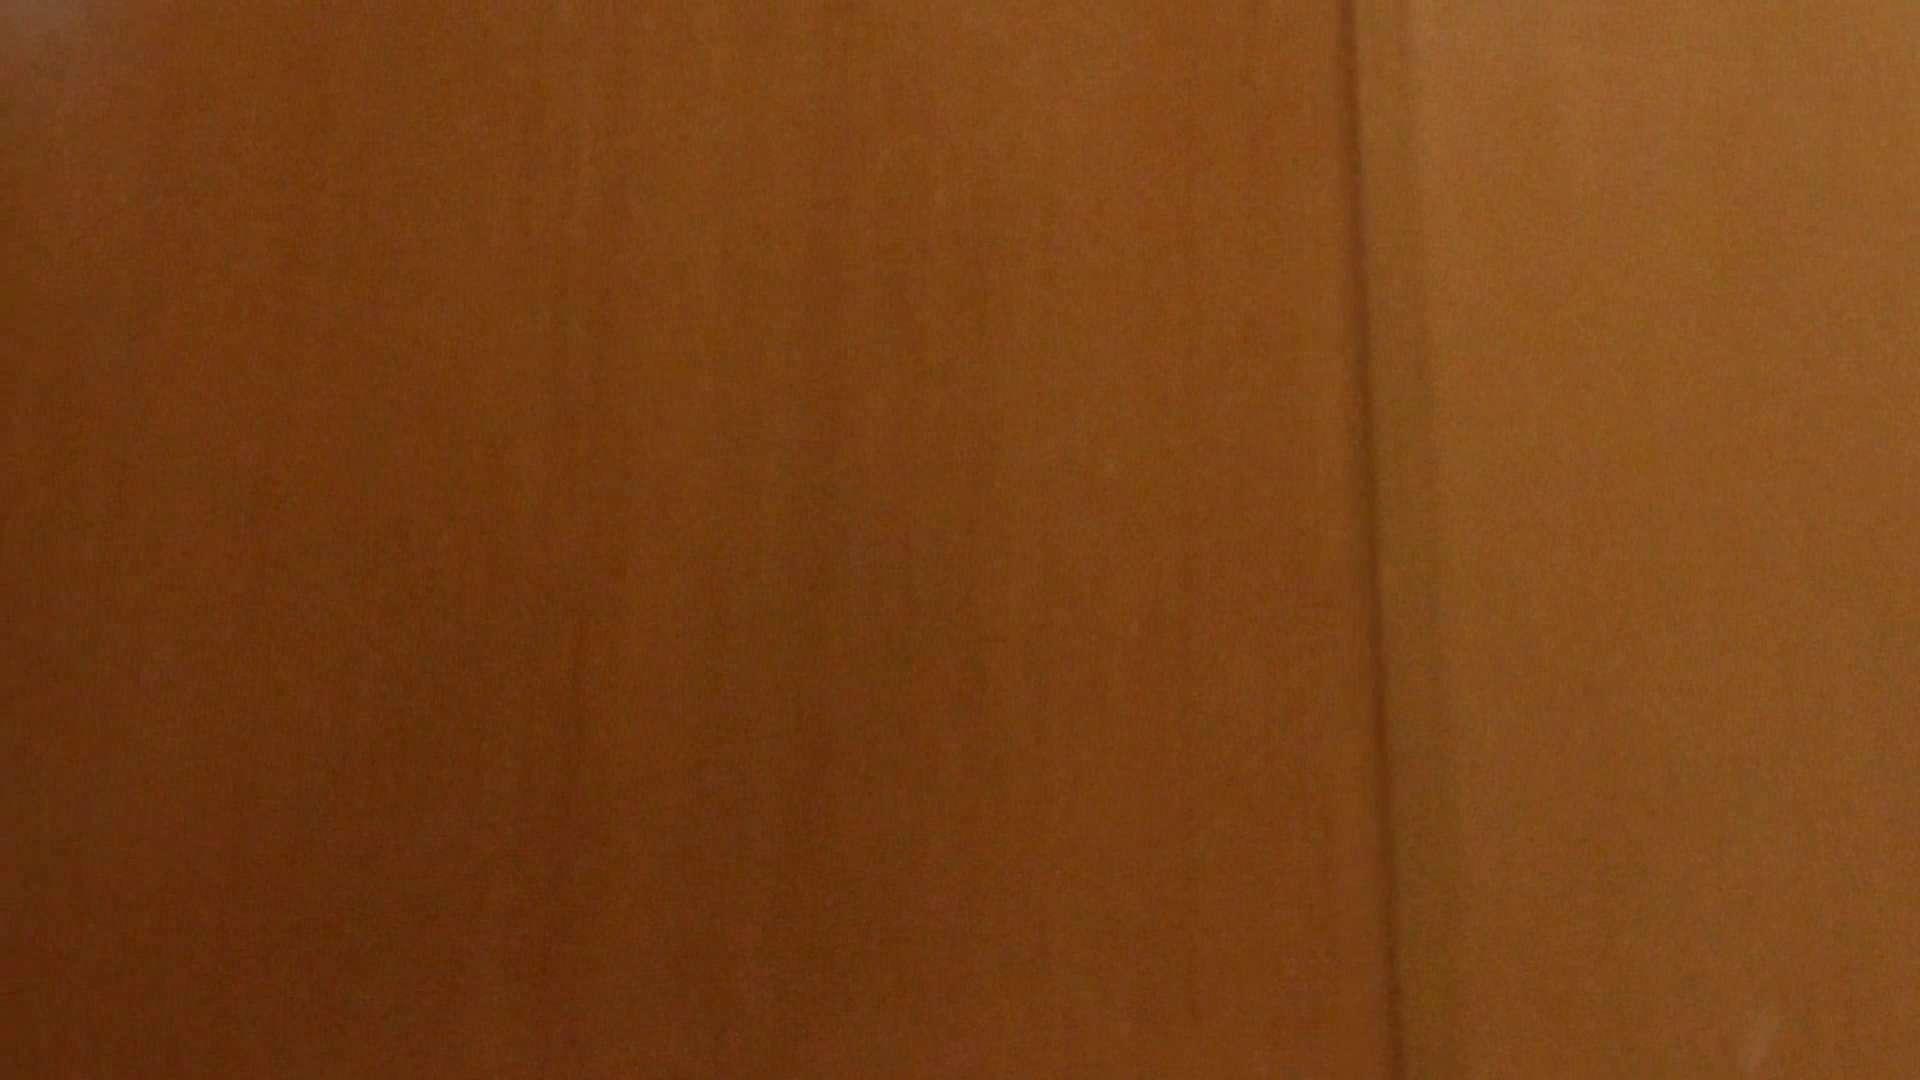 「噂」の国の厠観察日記2 Vol.02 人気シリーズ   OLのエロ生活  26連発 19